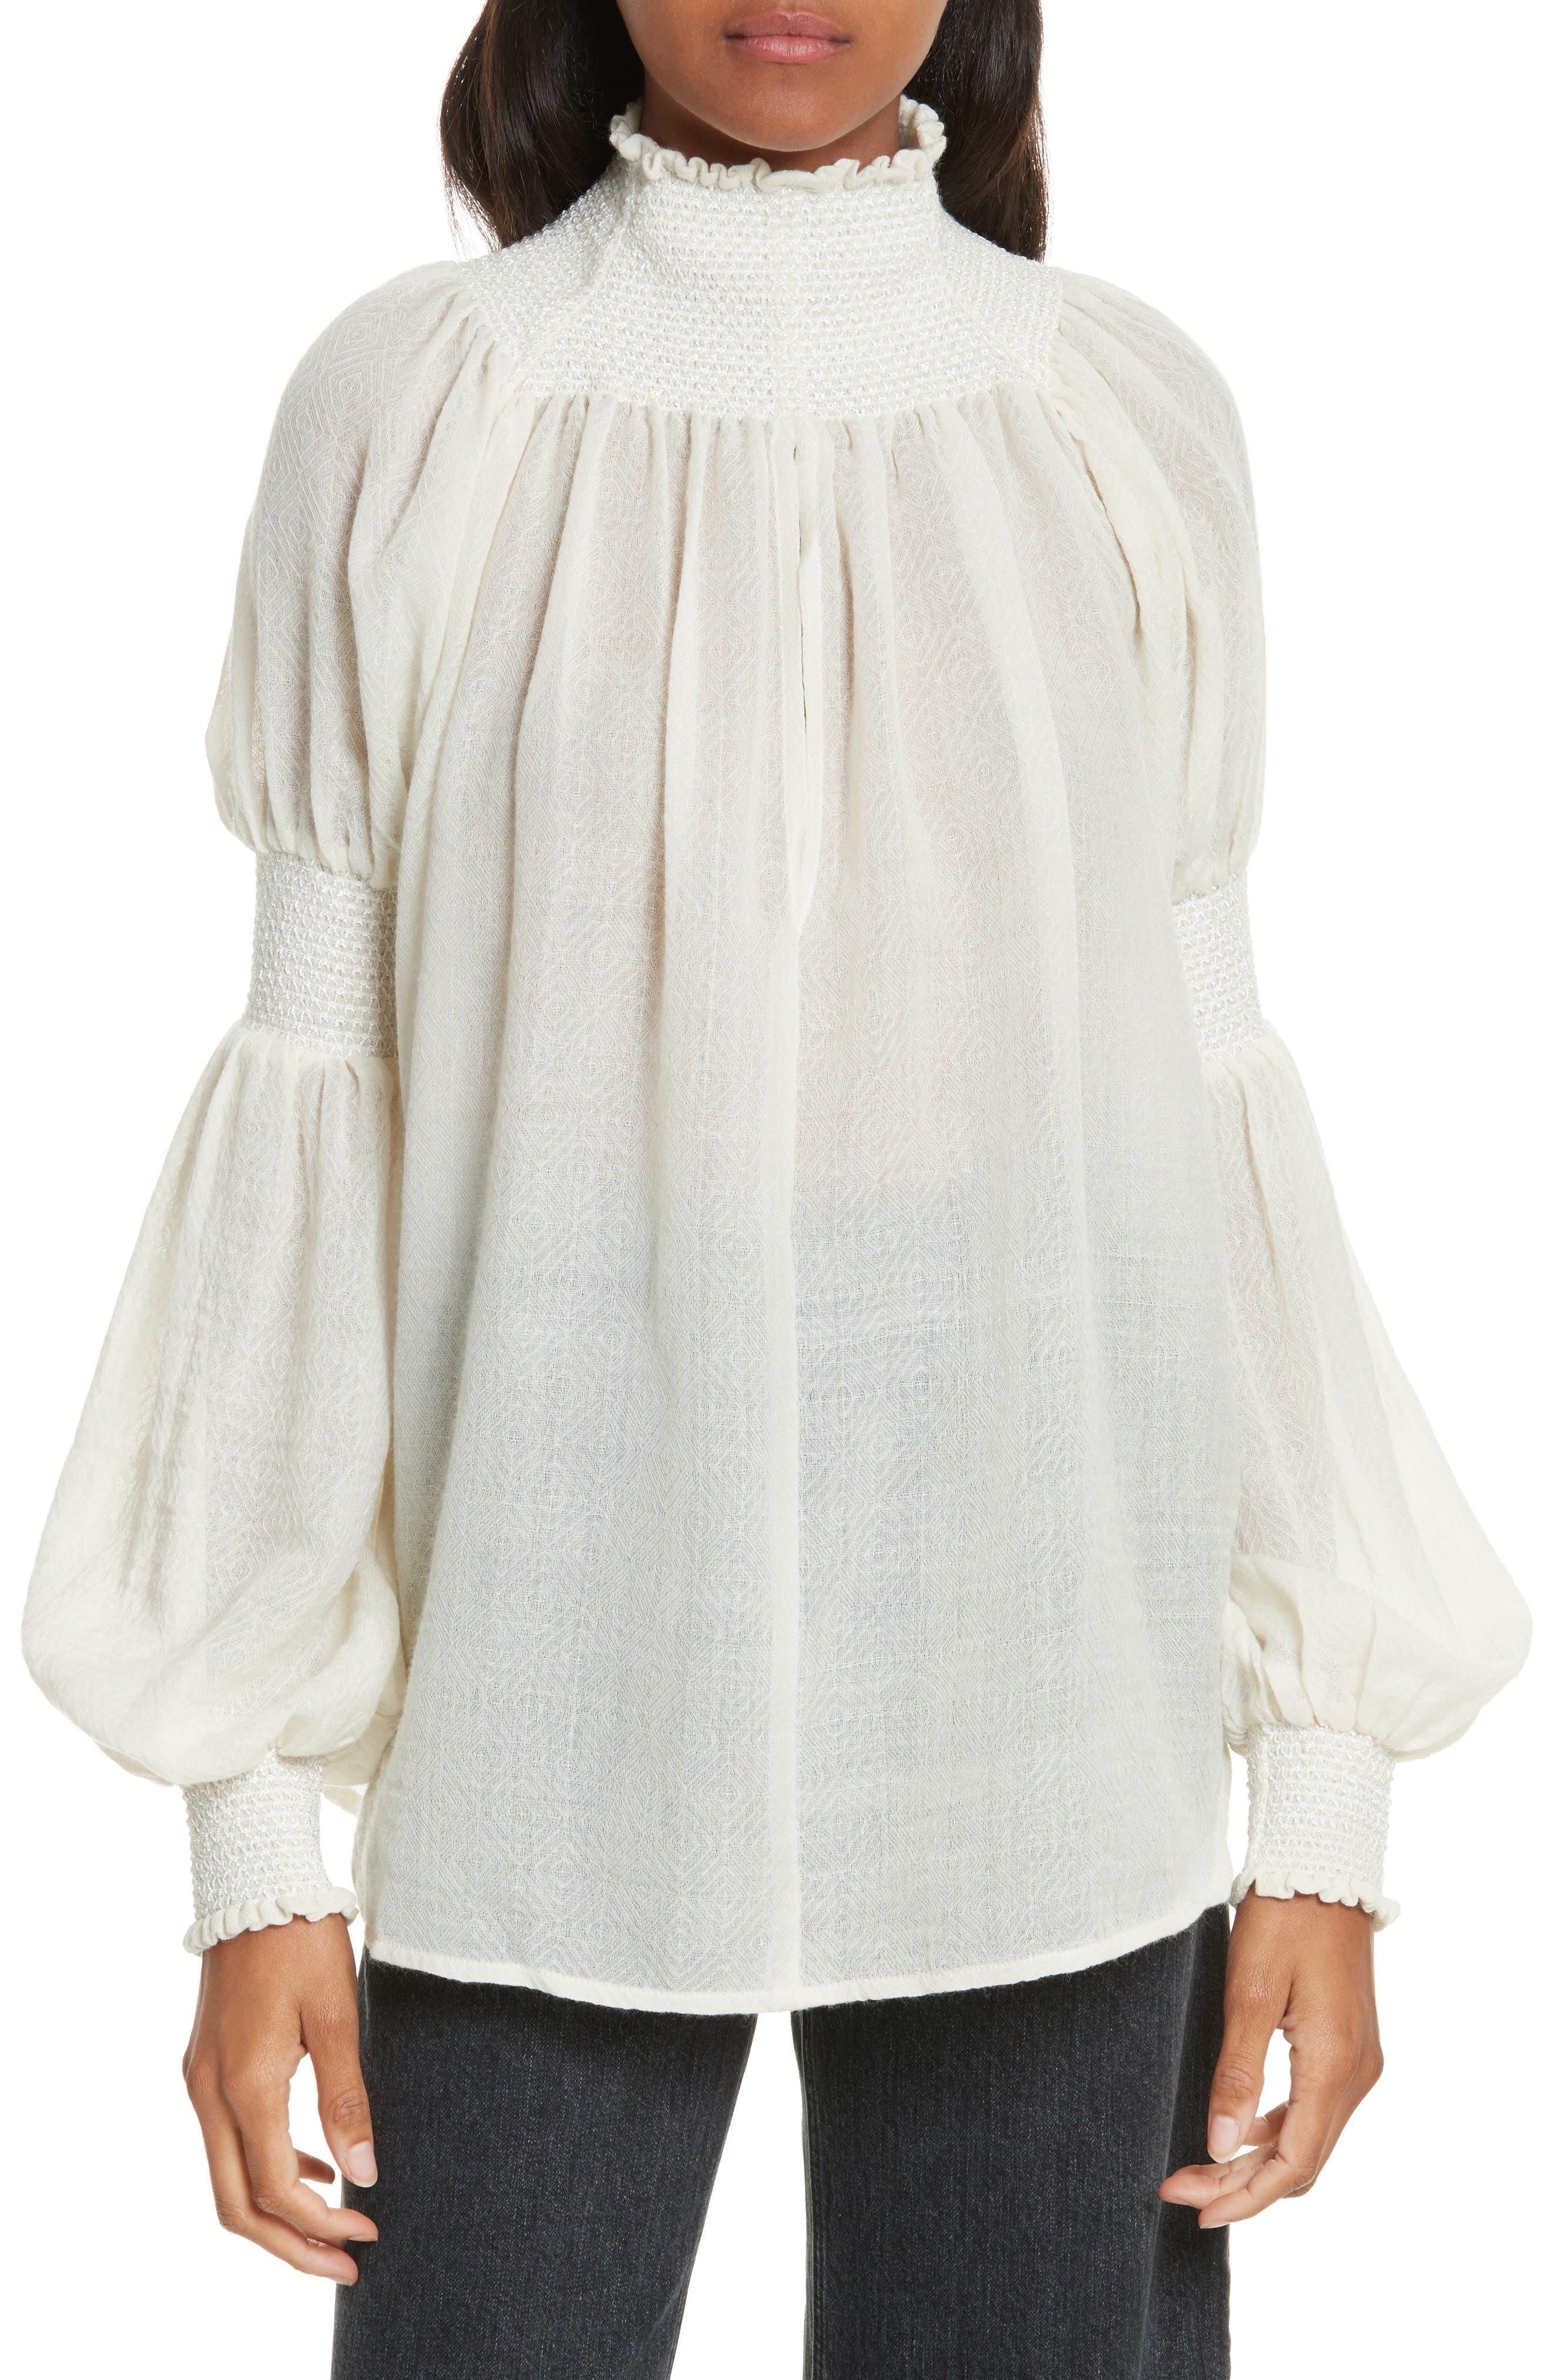 Rachel Comey Renew Wool Top